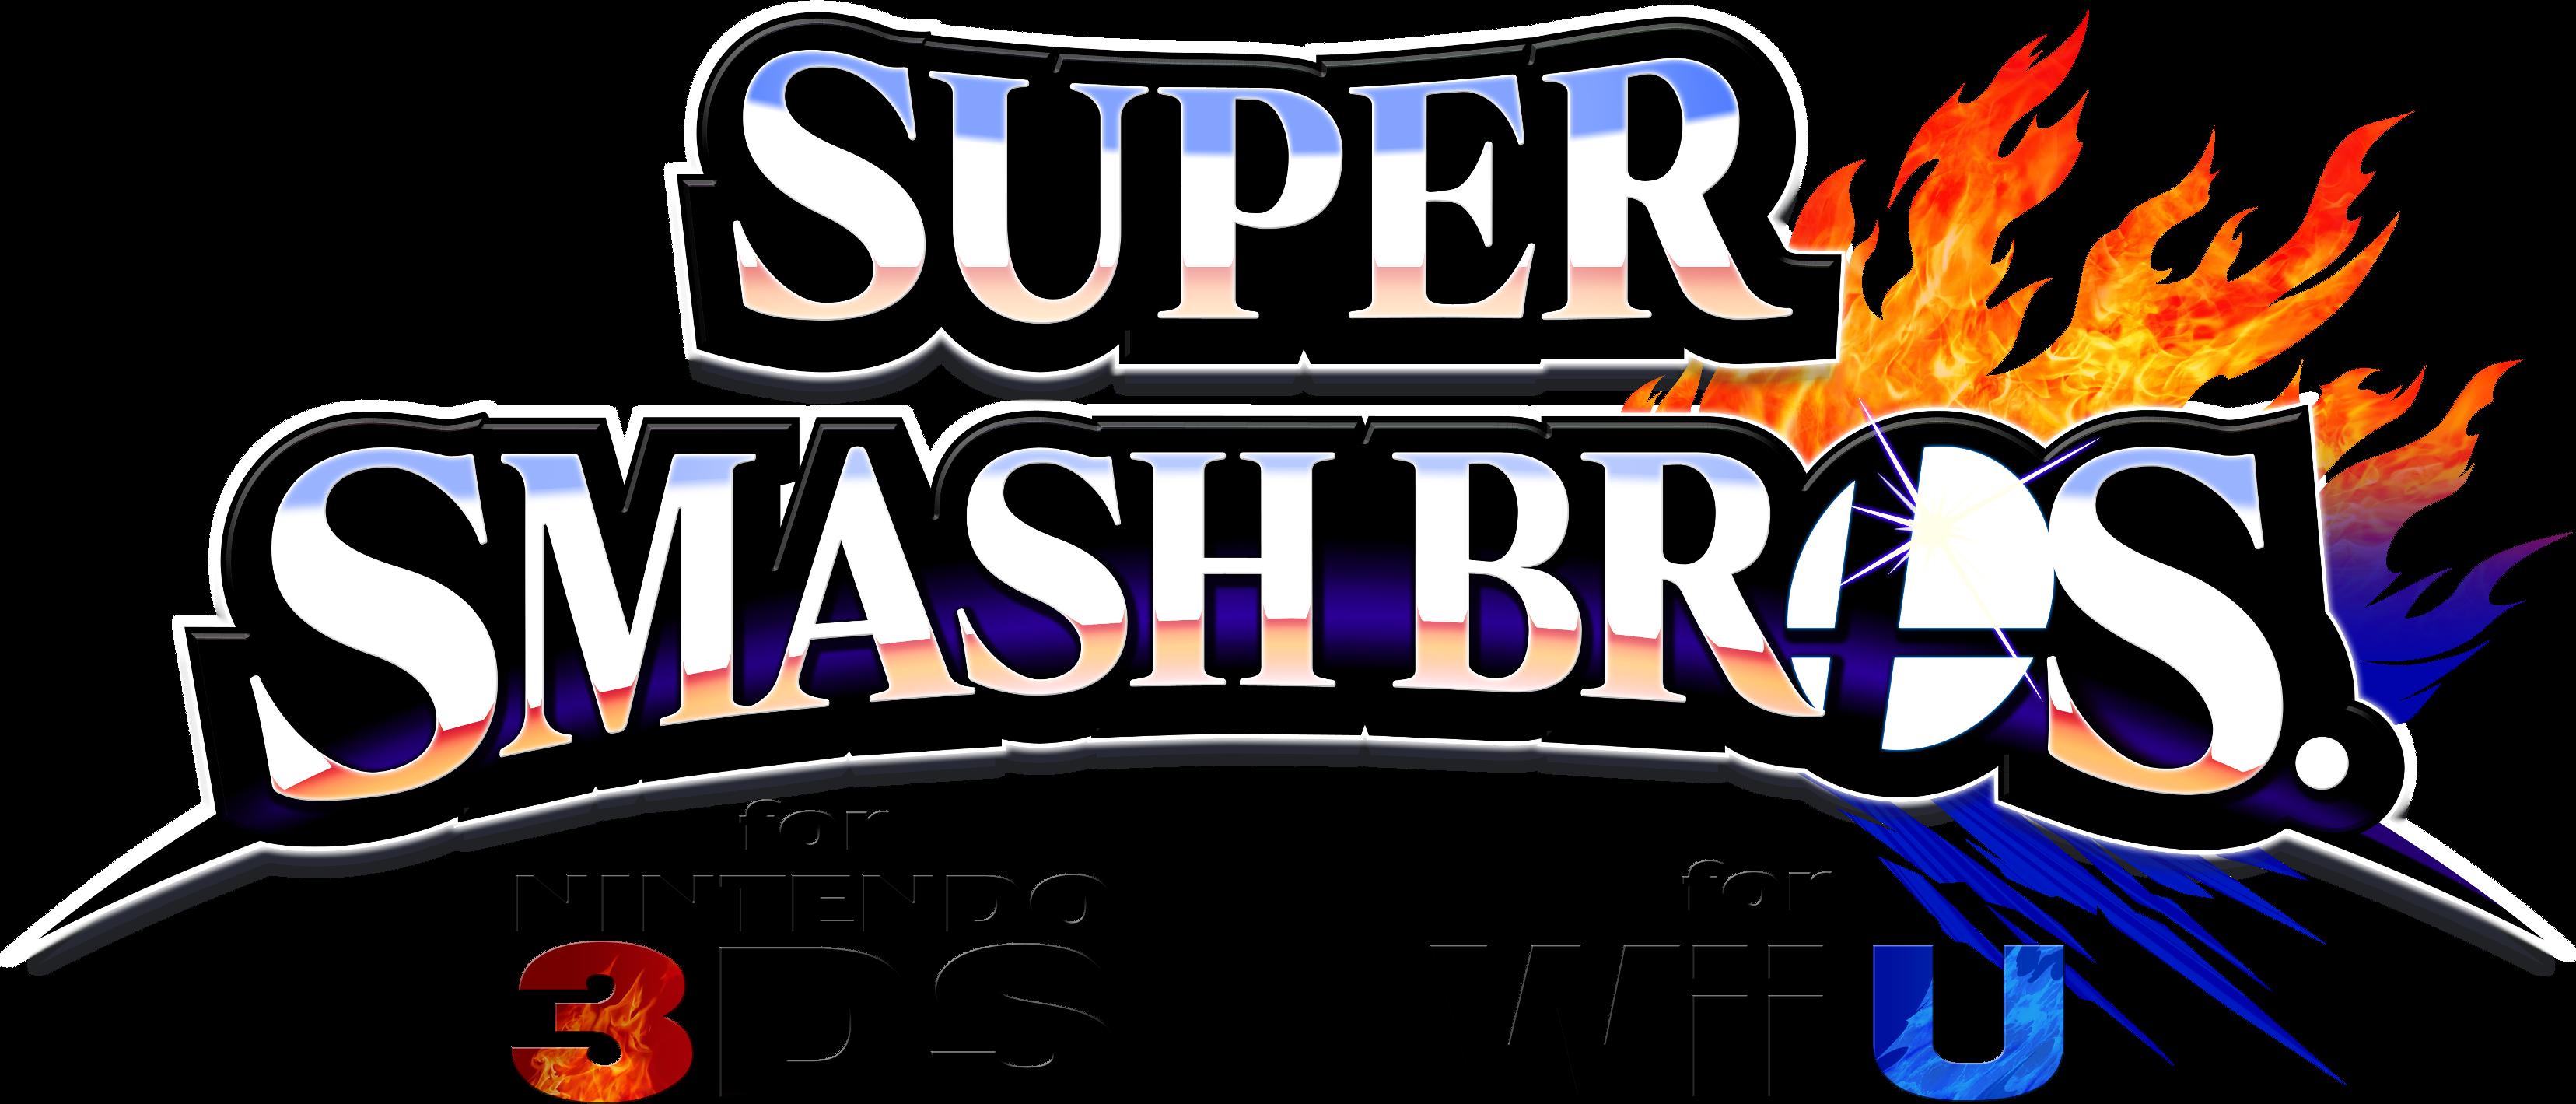 http://wiiudaily.com/wp-content/uploads/2014/09/WiiU-3DS_SmashBros_logo01_E3-640x307.jpg?4e66d9